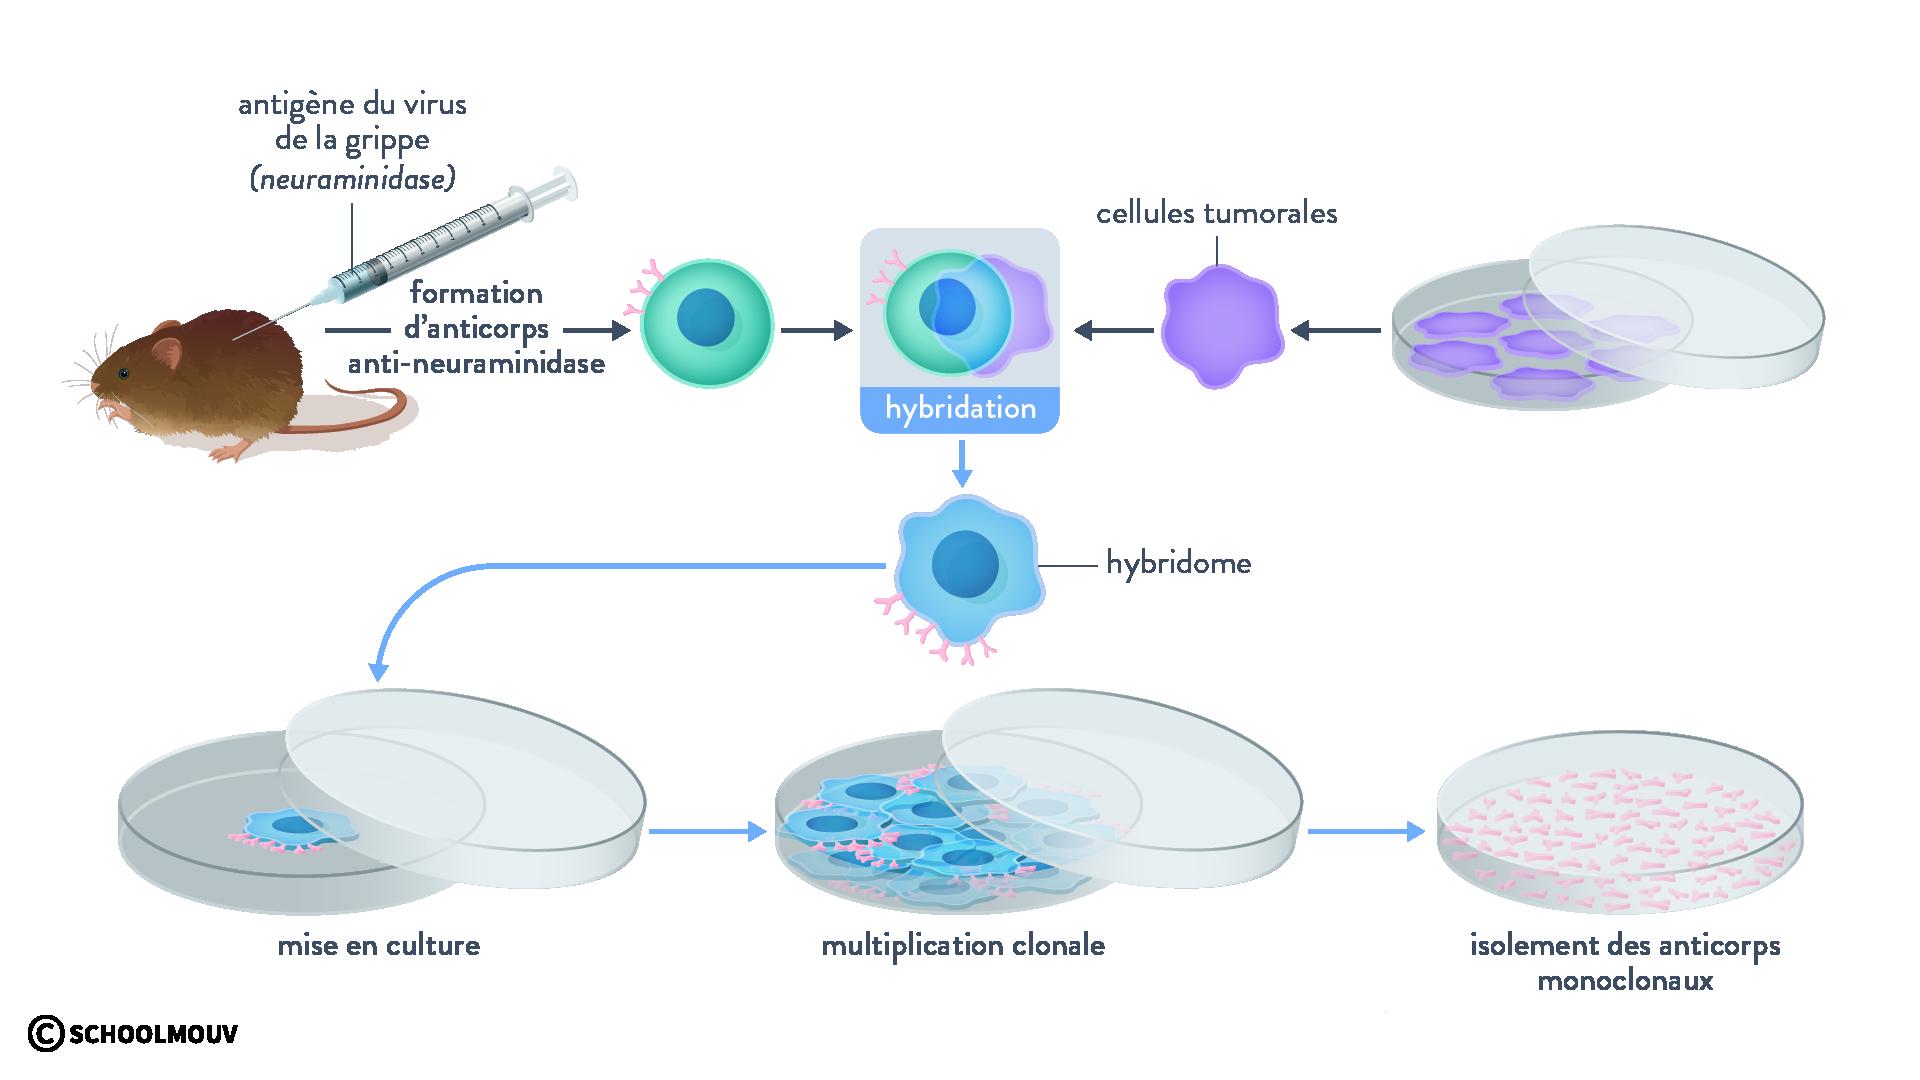 hybridome échange matériel génétique fusion cellule cancéreuse lymphocyte B anticorps monoclonaux